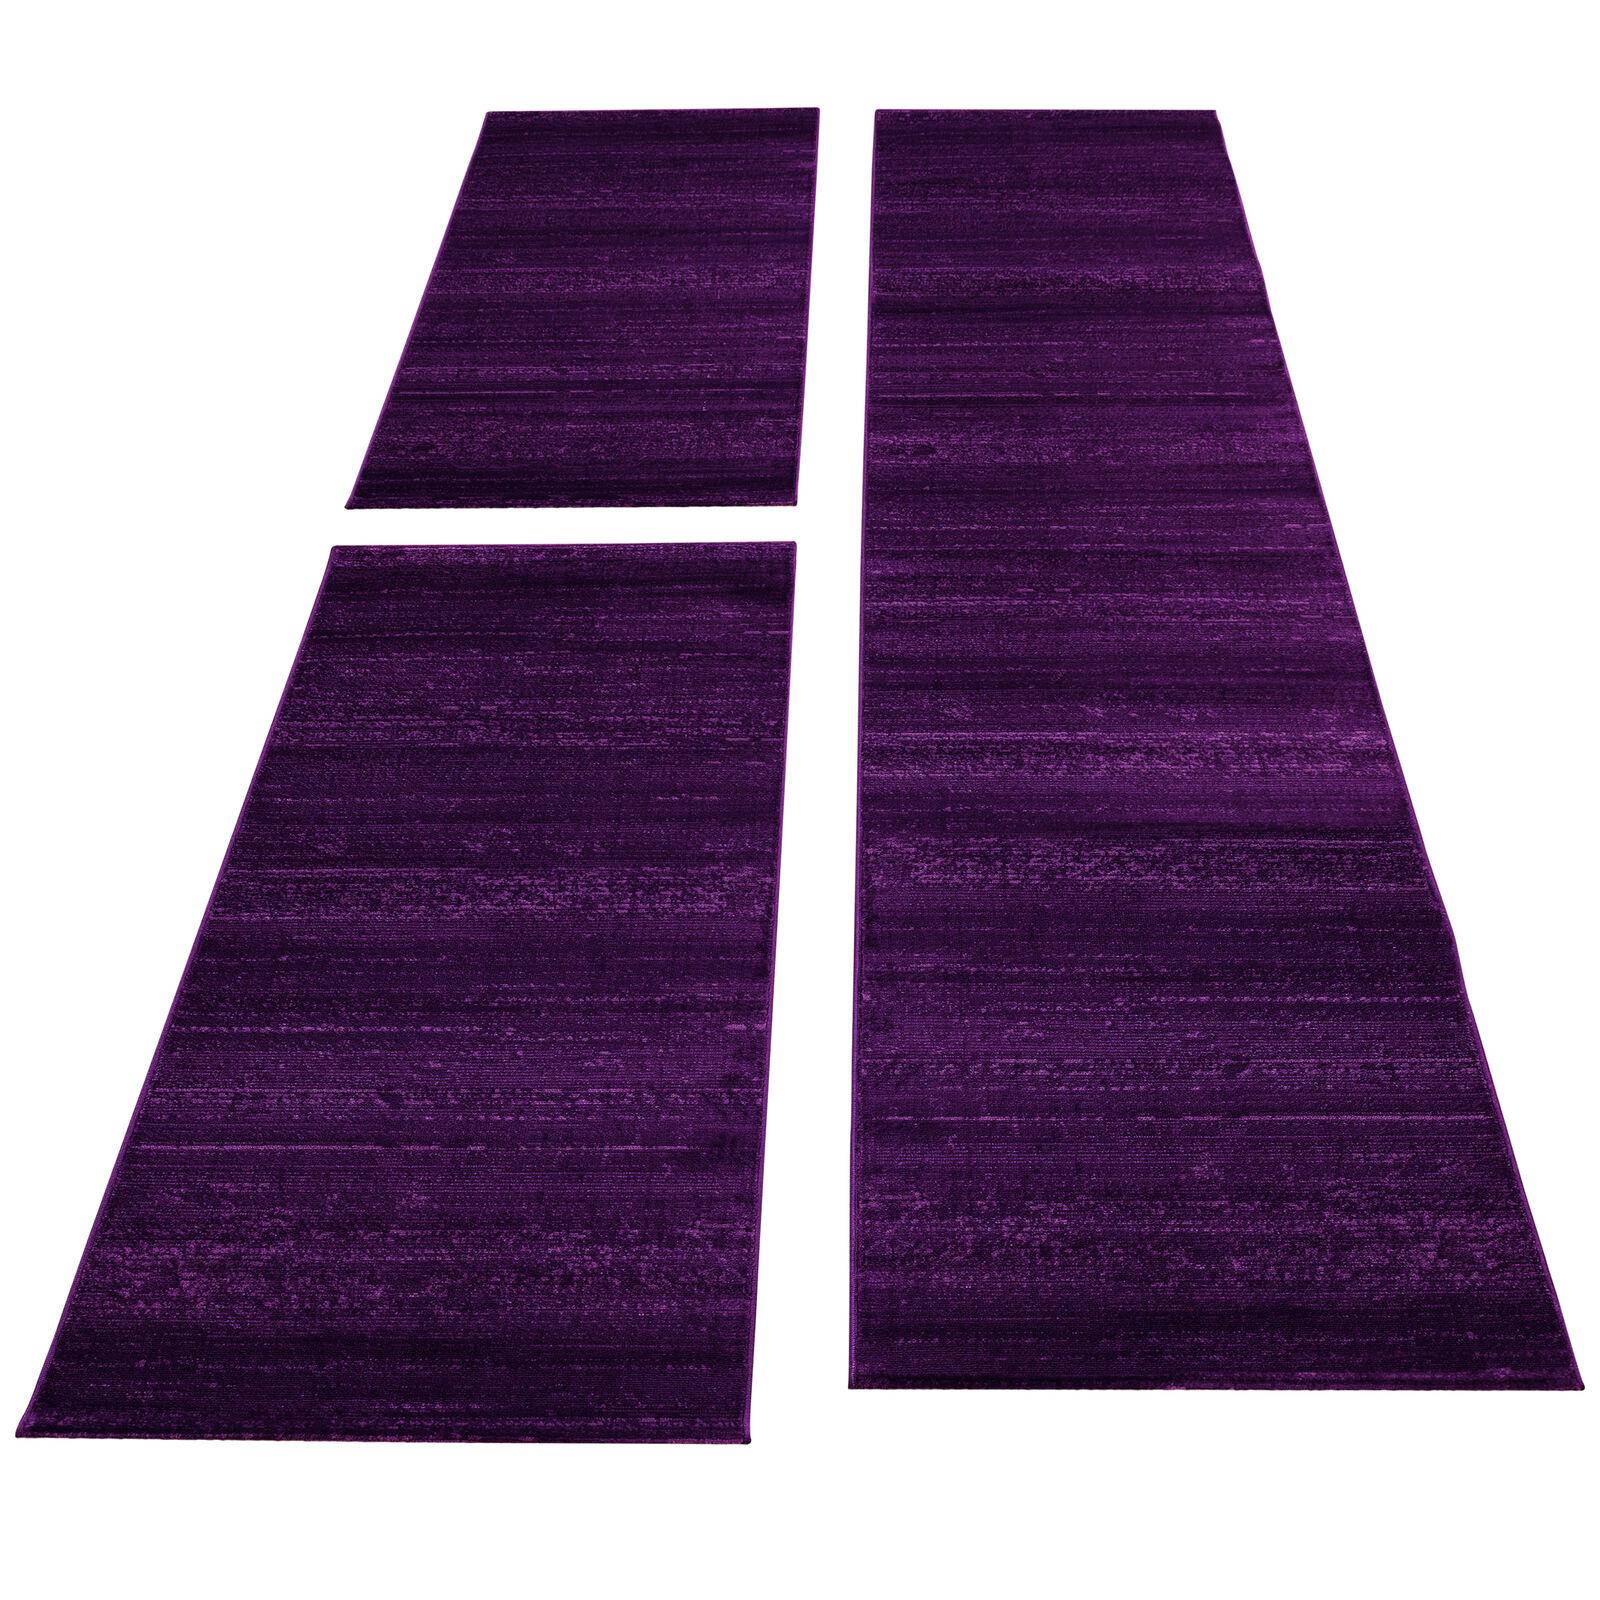 Bettumrandung Läufer Teppich Kurzflor Einfarbig Läuferset 3 teilig Meliert Lila